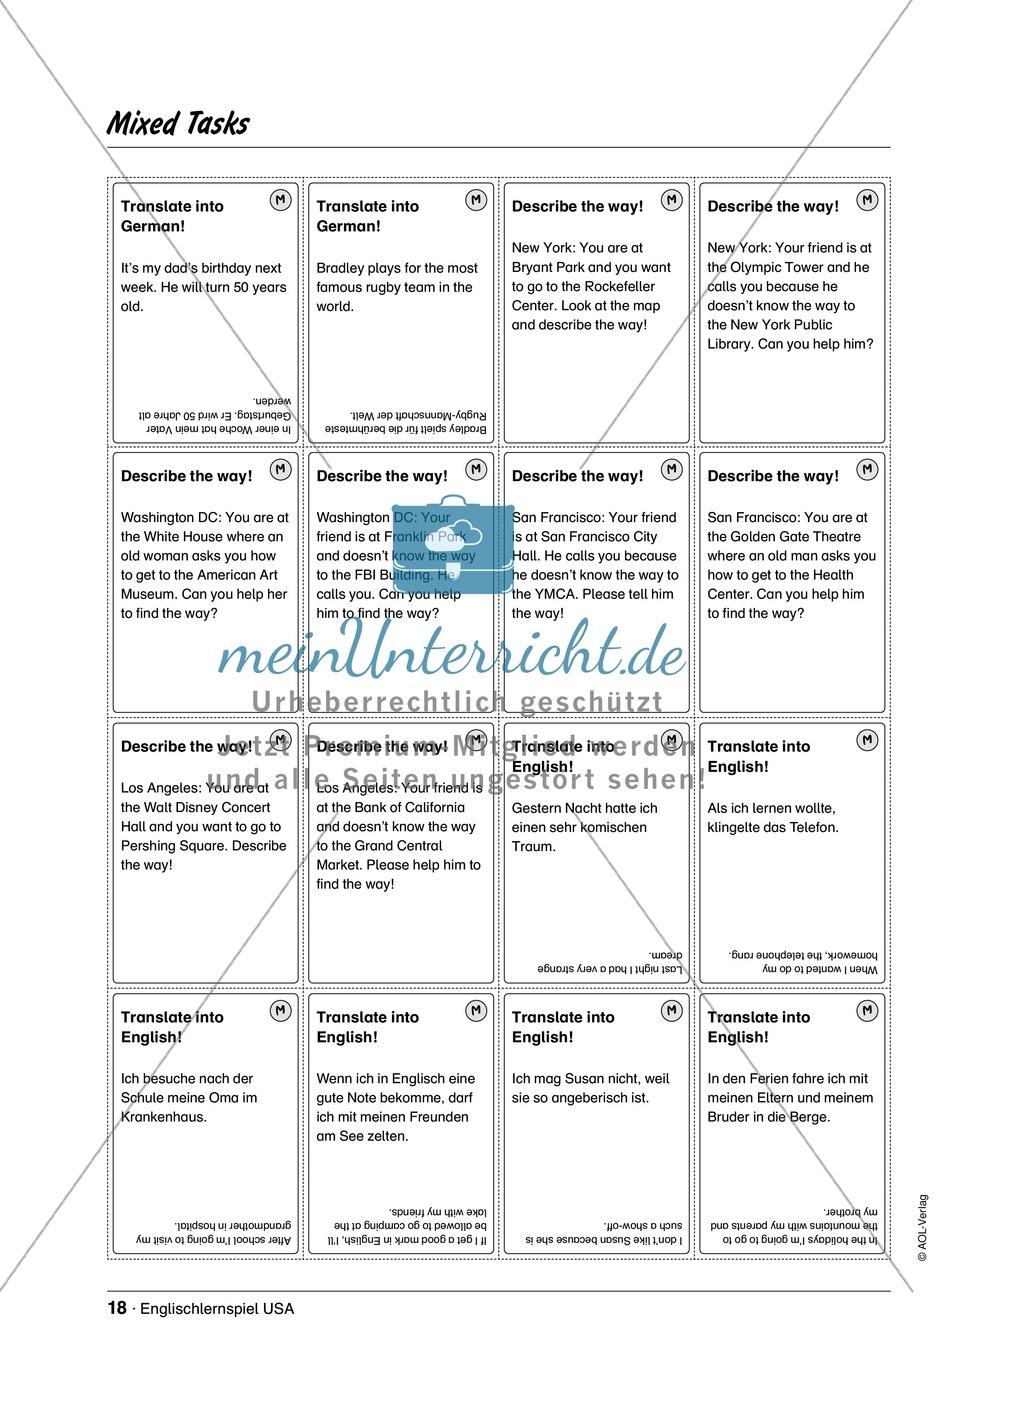 Englischlernspiel USA: Spielkarten + Informationen zu Sehenswürdigkeiten Preview 13